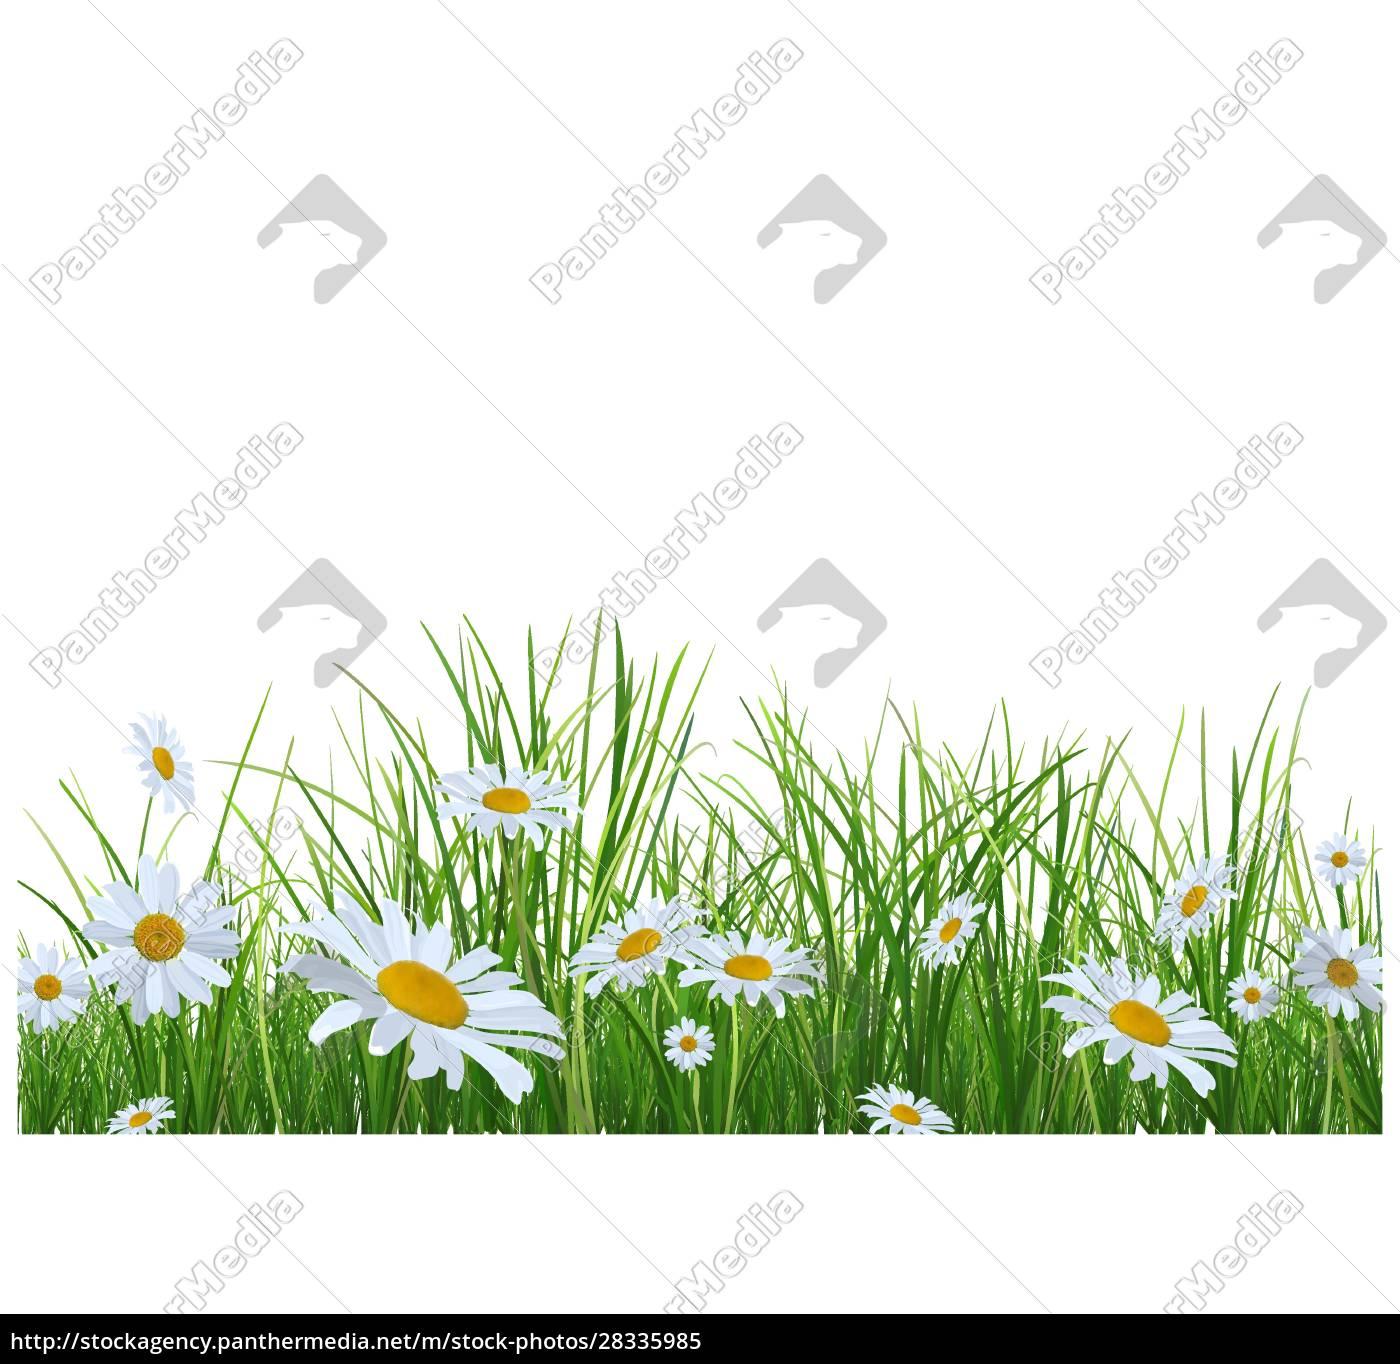 gras, mit, gänseblümchen, blumen - 28335985